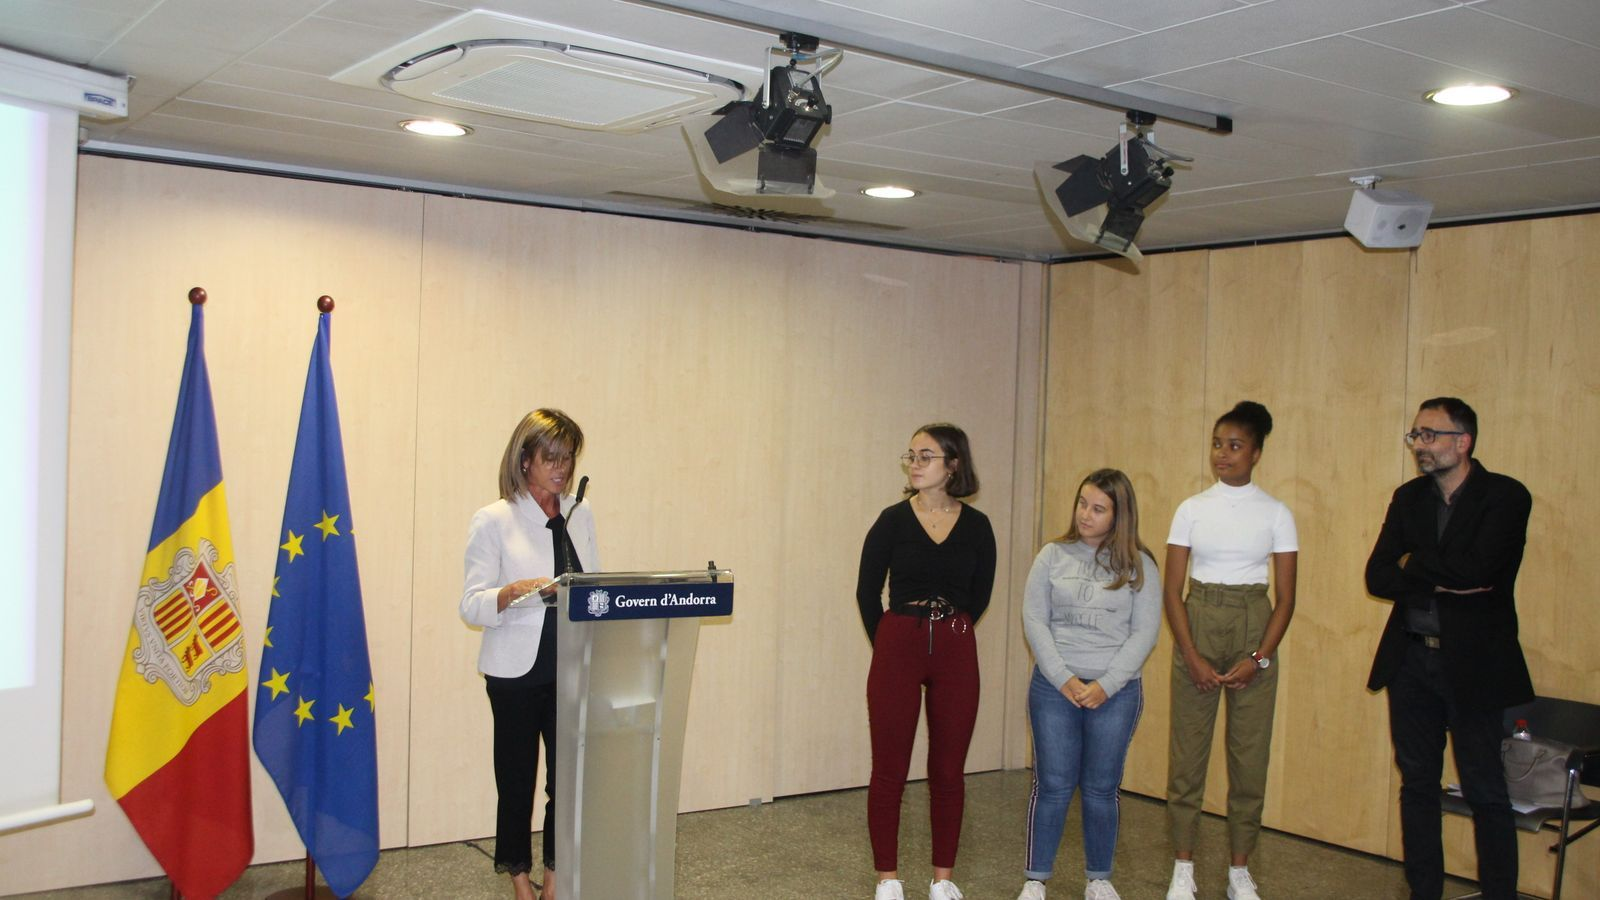 La ministra d'Educació i Ensenyament Superior, Ester Vilarrubla, durant el discurs previ a l'entrega dels premis. / A. S.